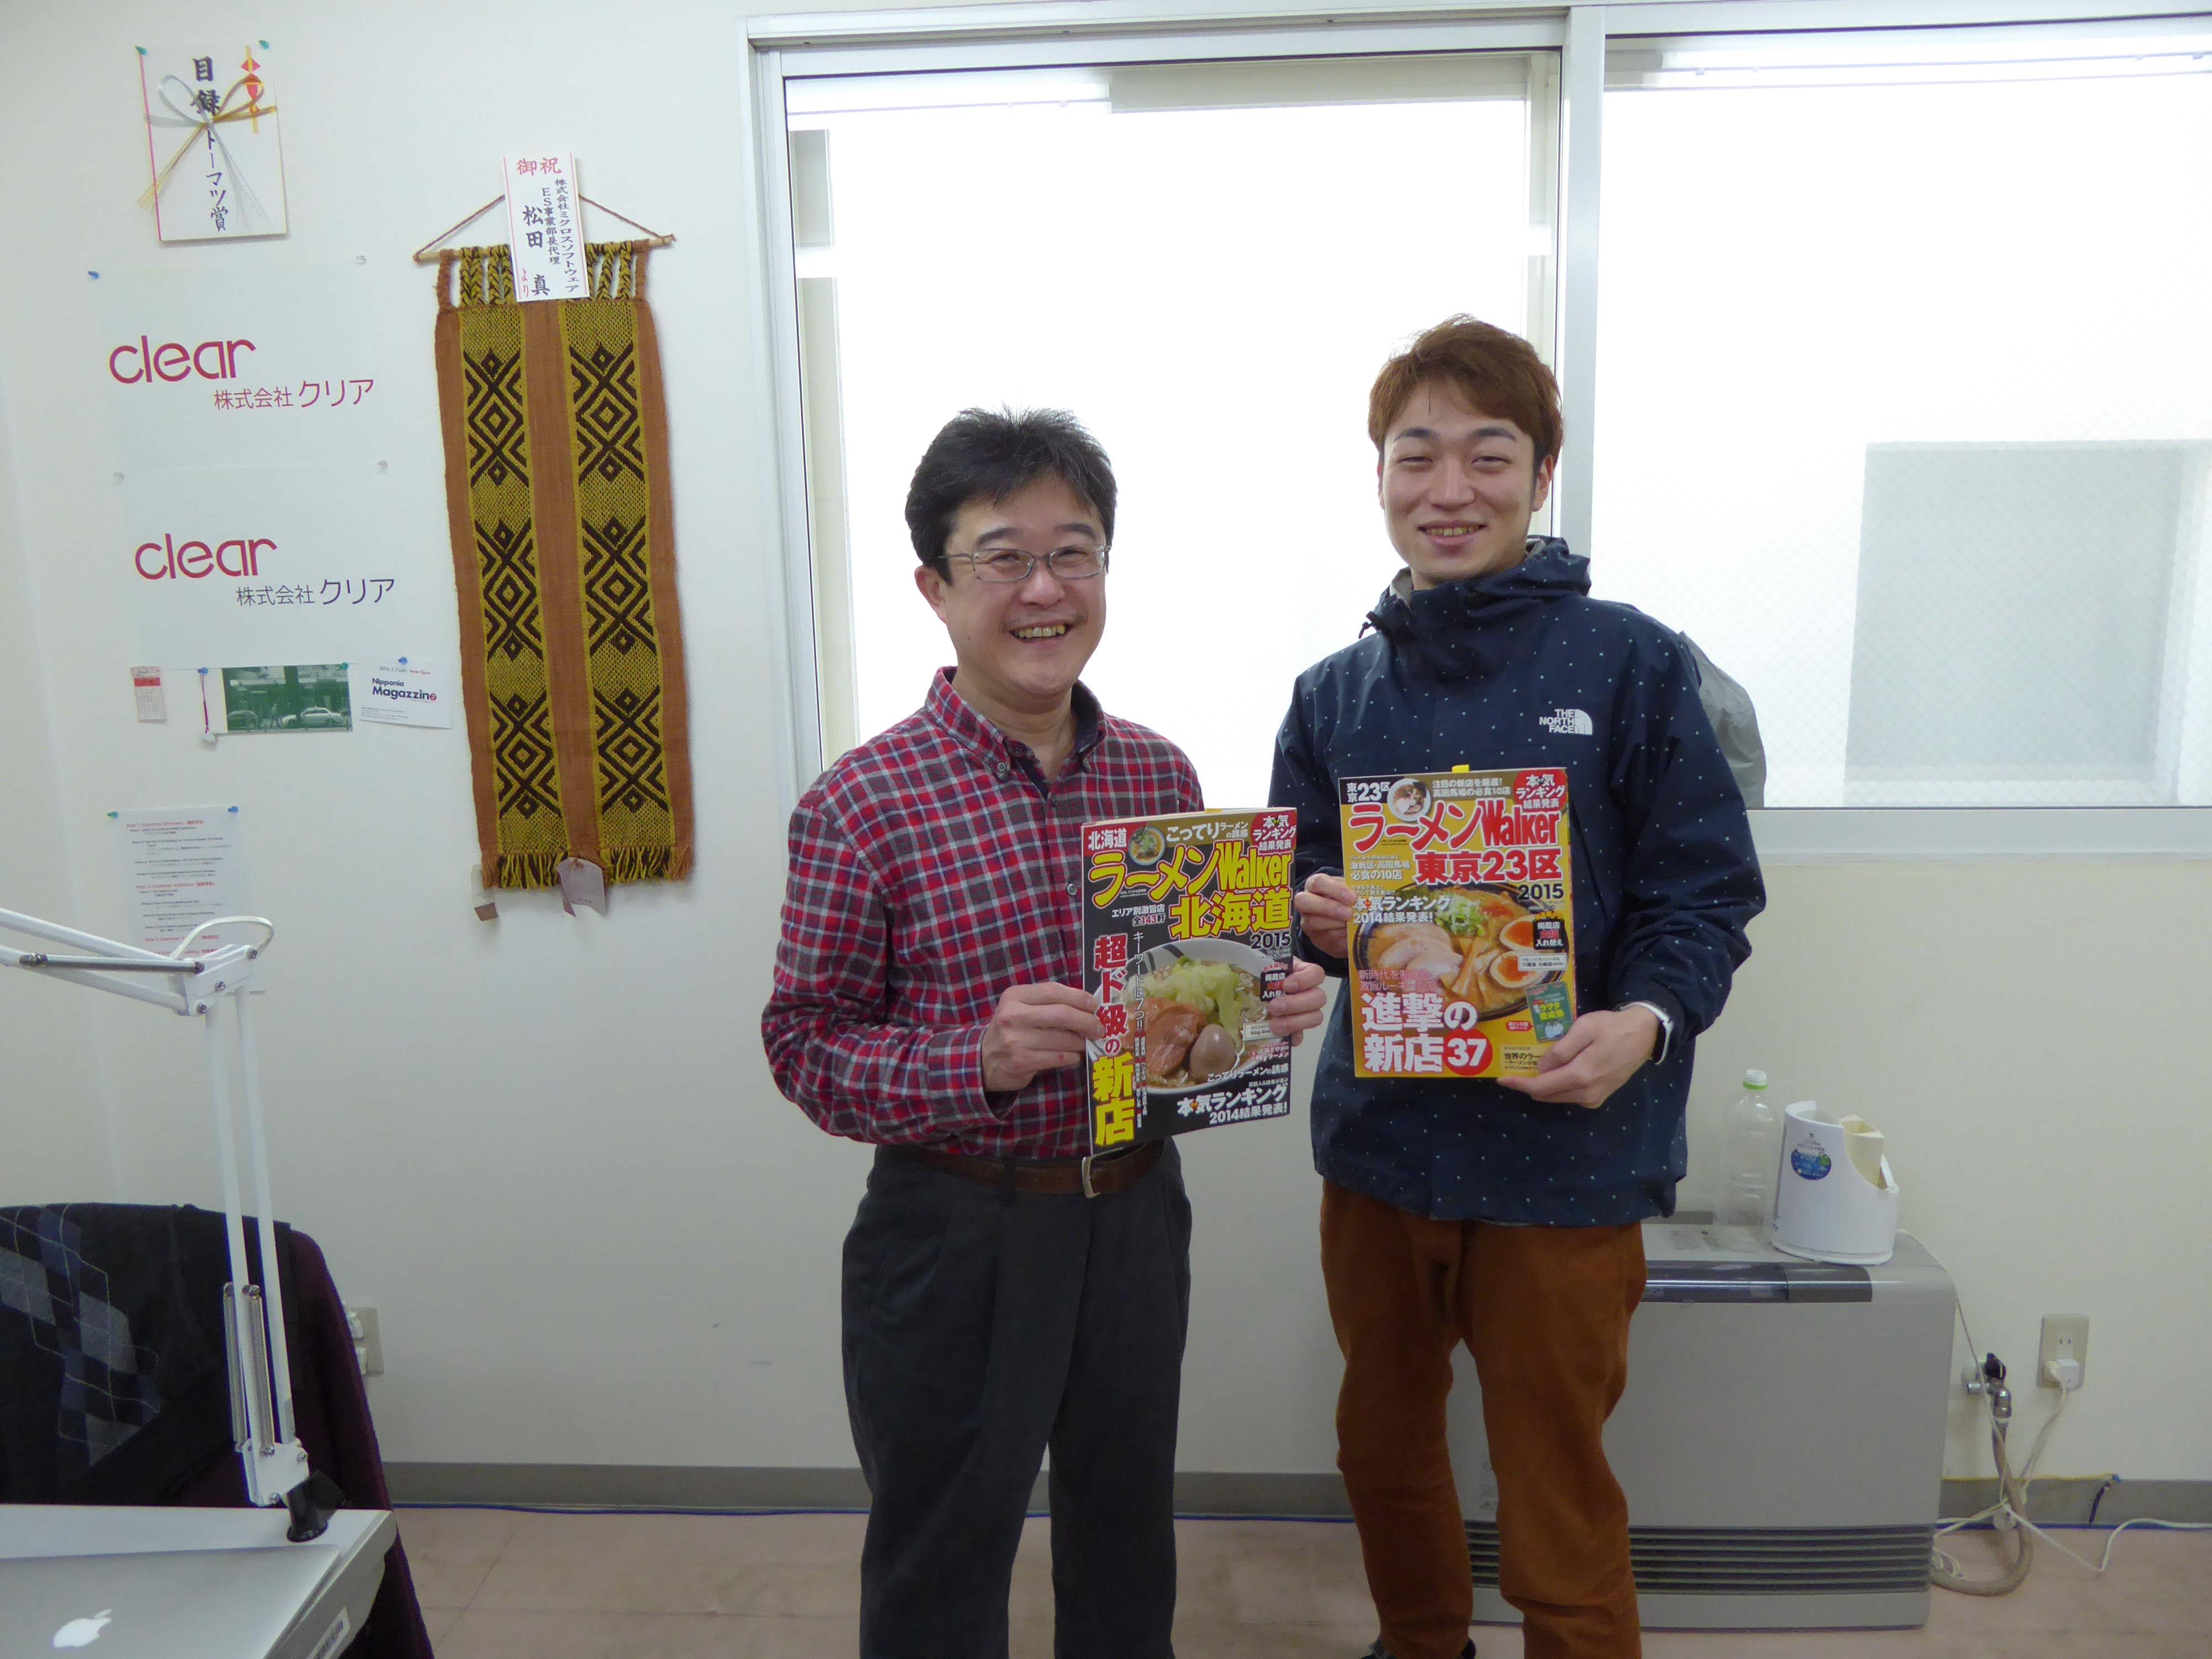 企画・営業・広報などは代表取締役の土門亨さん、開発は廣部雄太さん